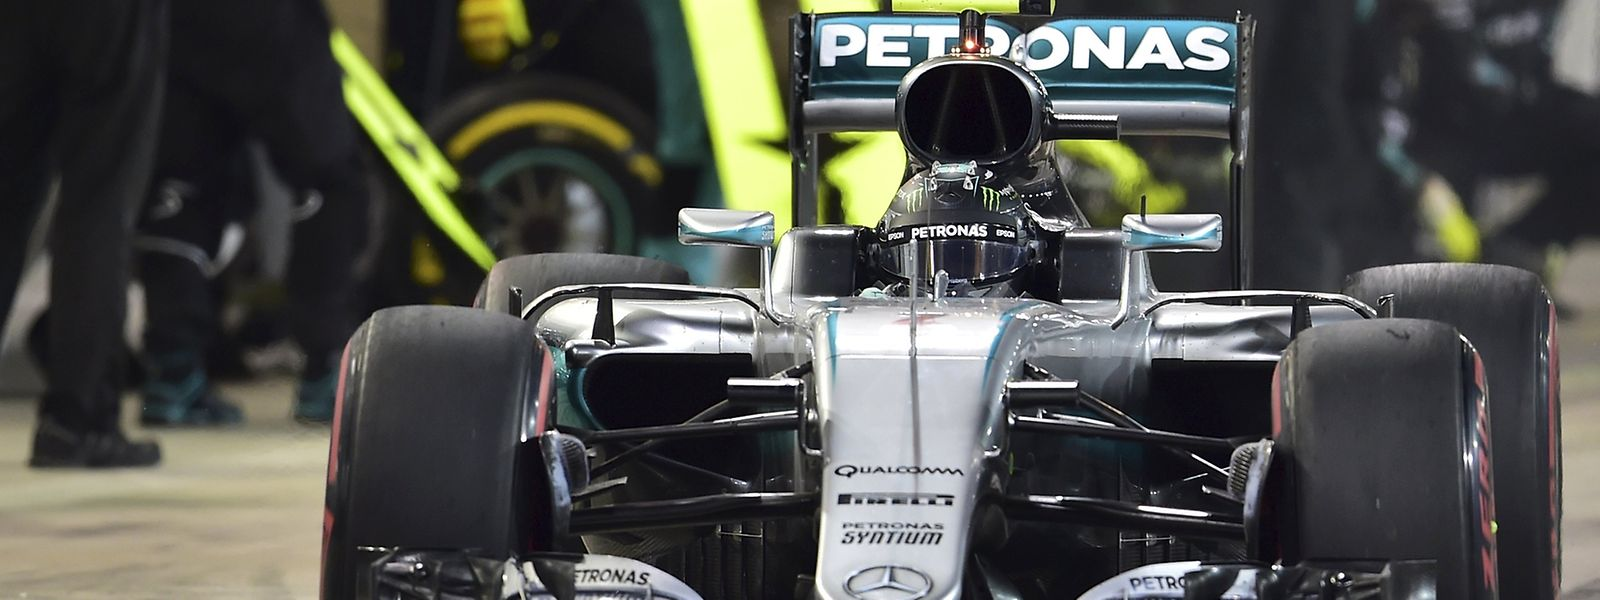 O alemão Nico Rosberg (Mercedes) somou este domingo o segundo triunfo consecutivo no Mundial de Fórmula 1